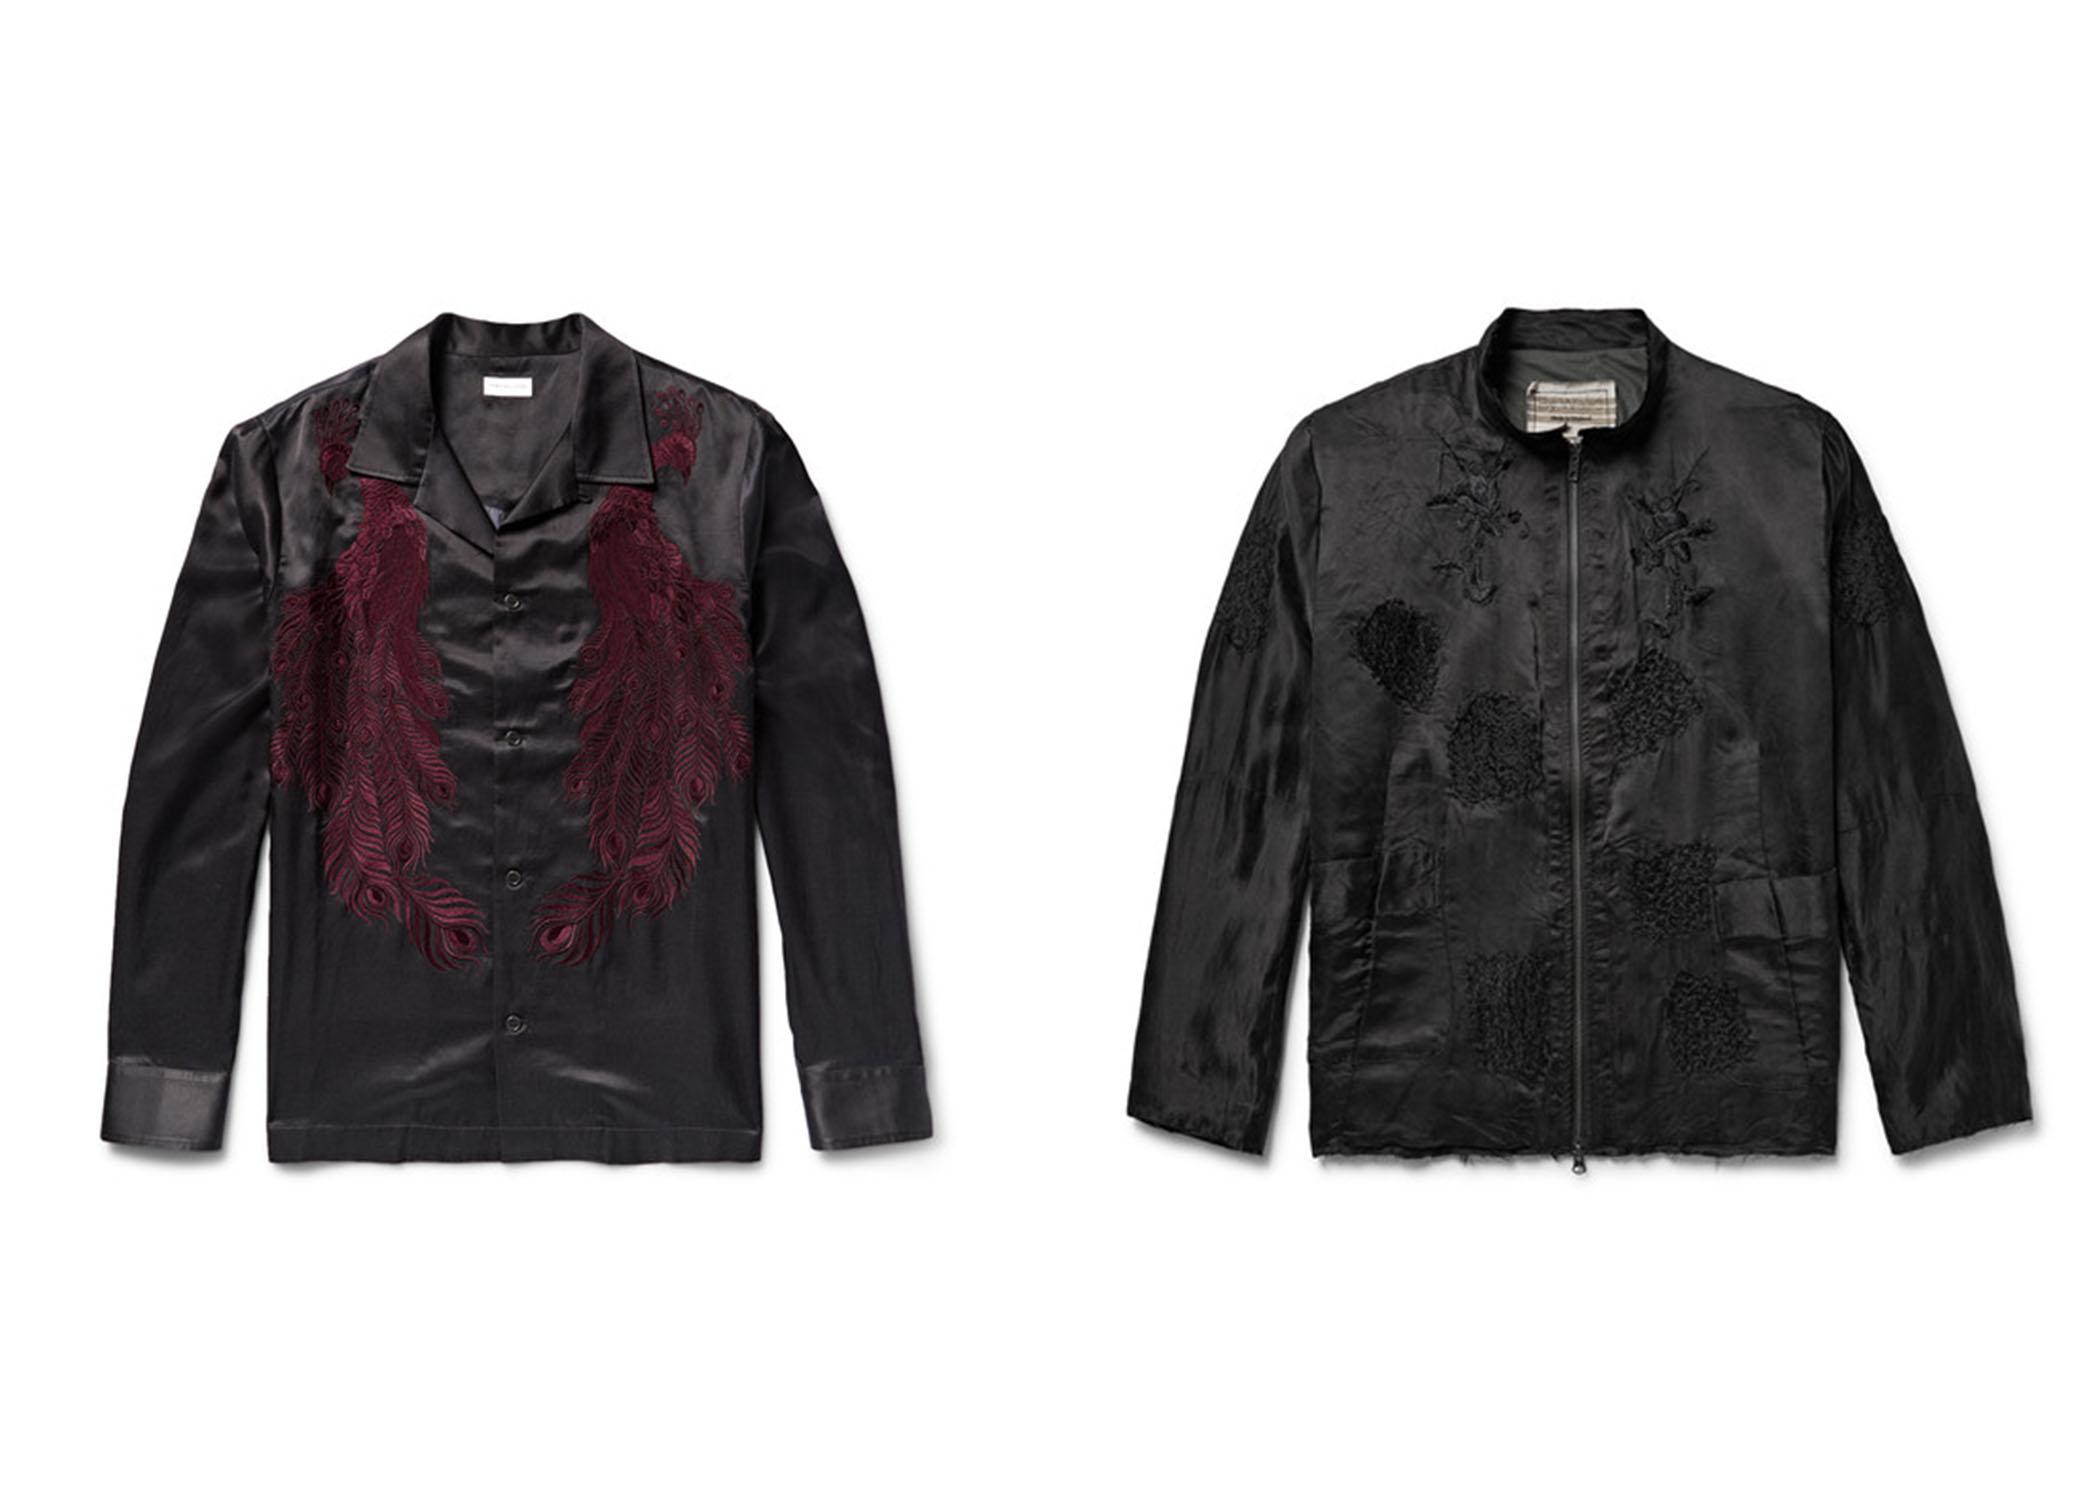 Áo khoác nam: phong cách phối đồ phù hợp với thời tiết